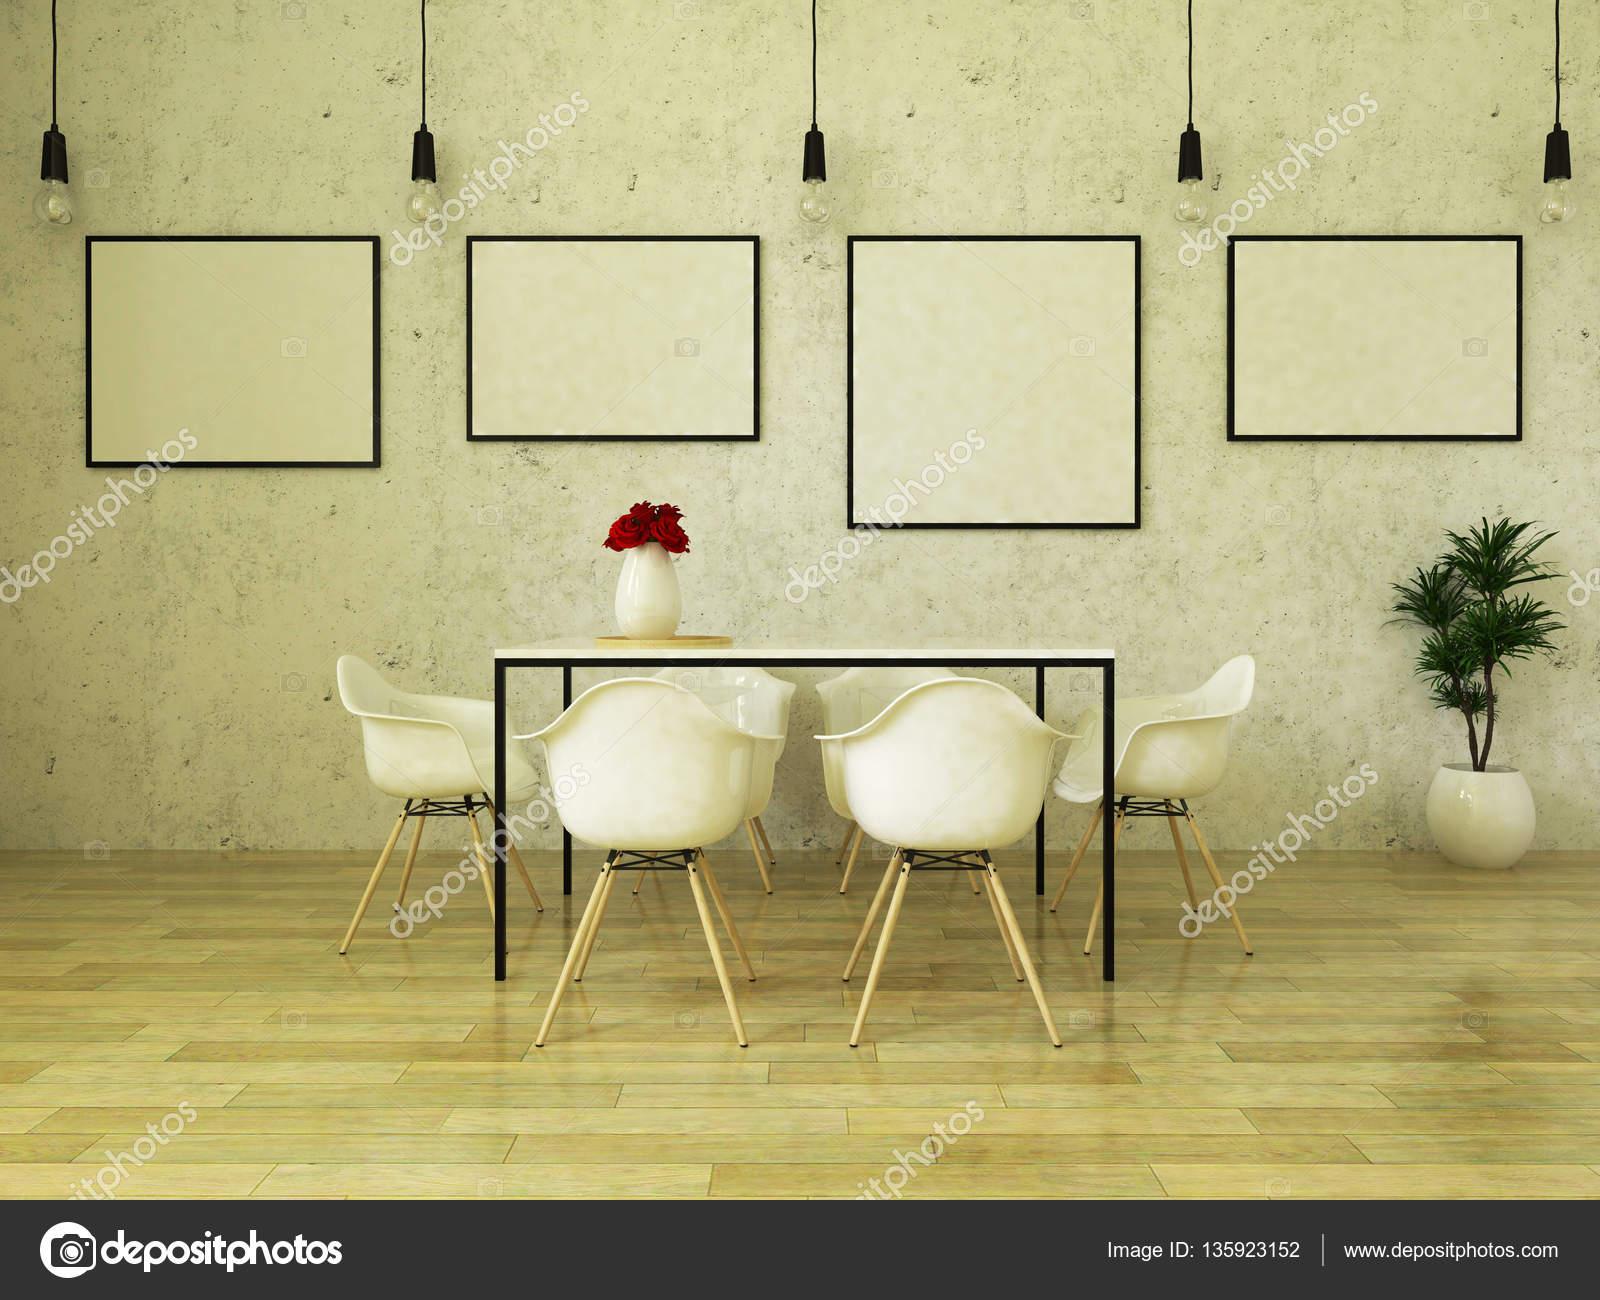 Mooie Witte Eettafel Stoelen.3d Render Van Mooi Eettafel Met Witte Stoelen Stockfoto